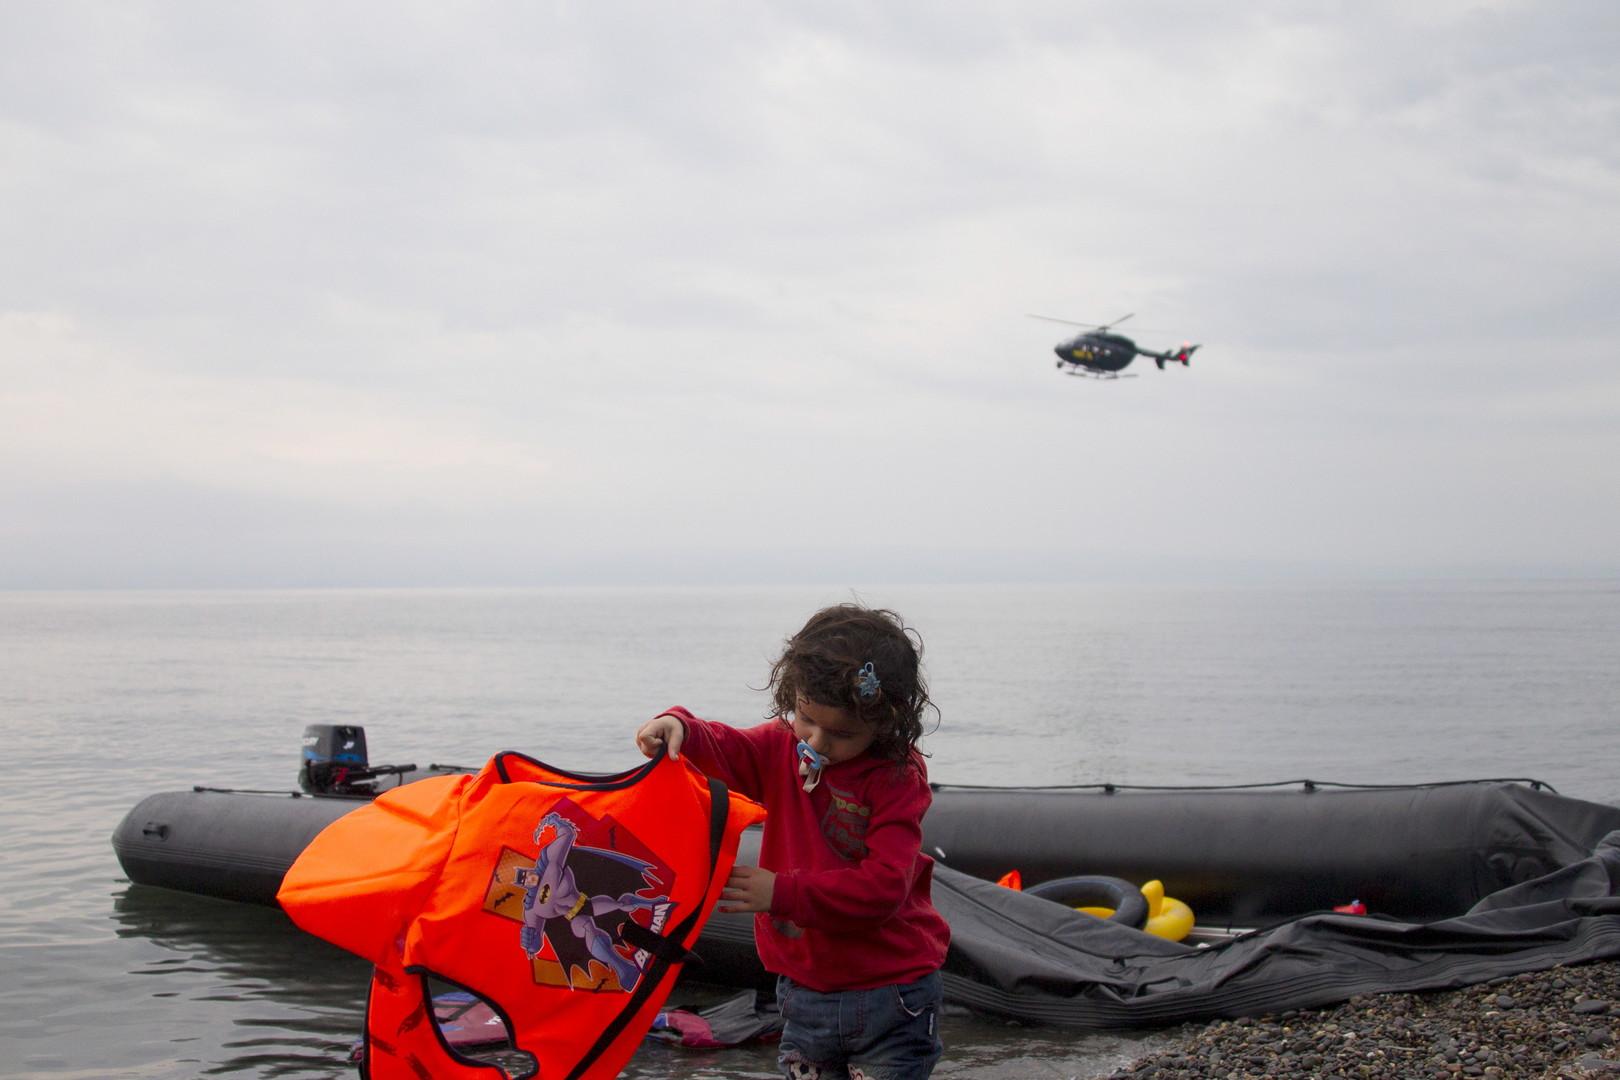 Pourquoi la Grèce va avoir du mal à freiner l'afflux de réfugiés, selon Frontex